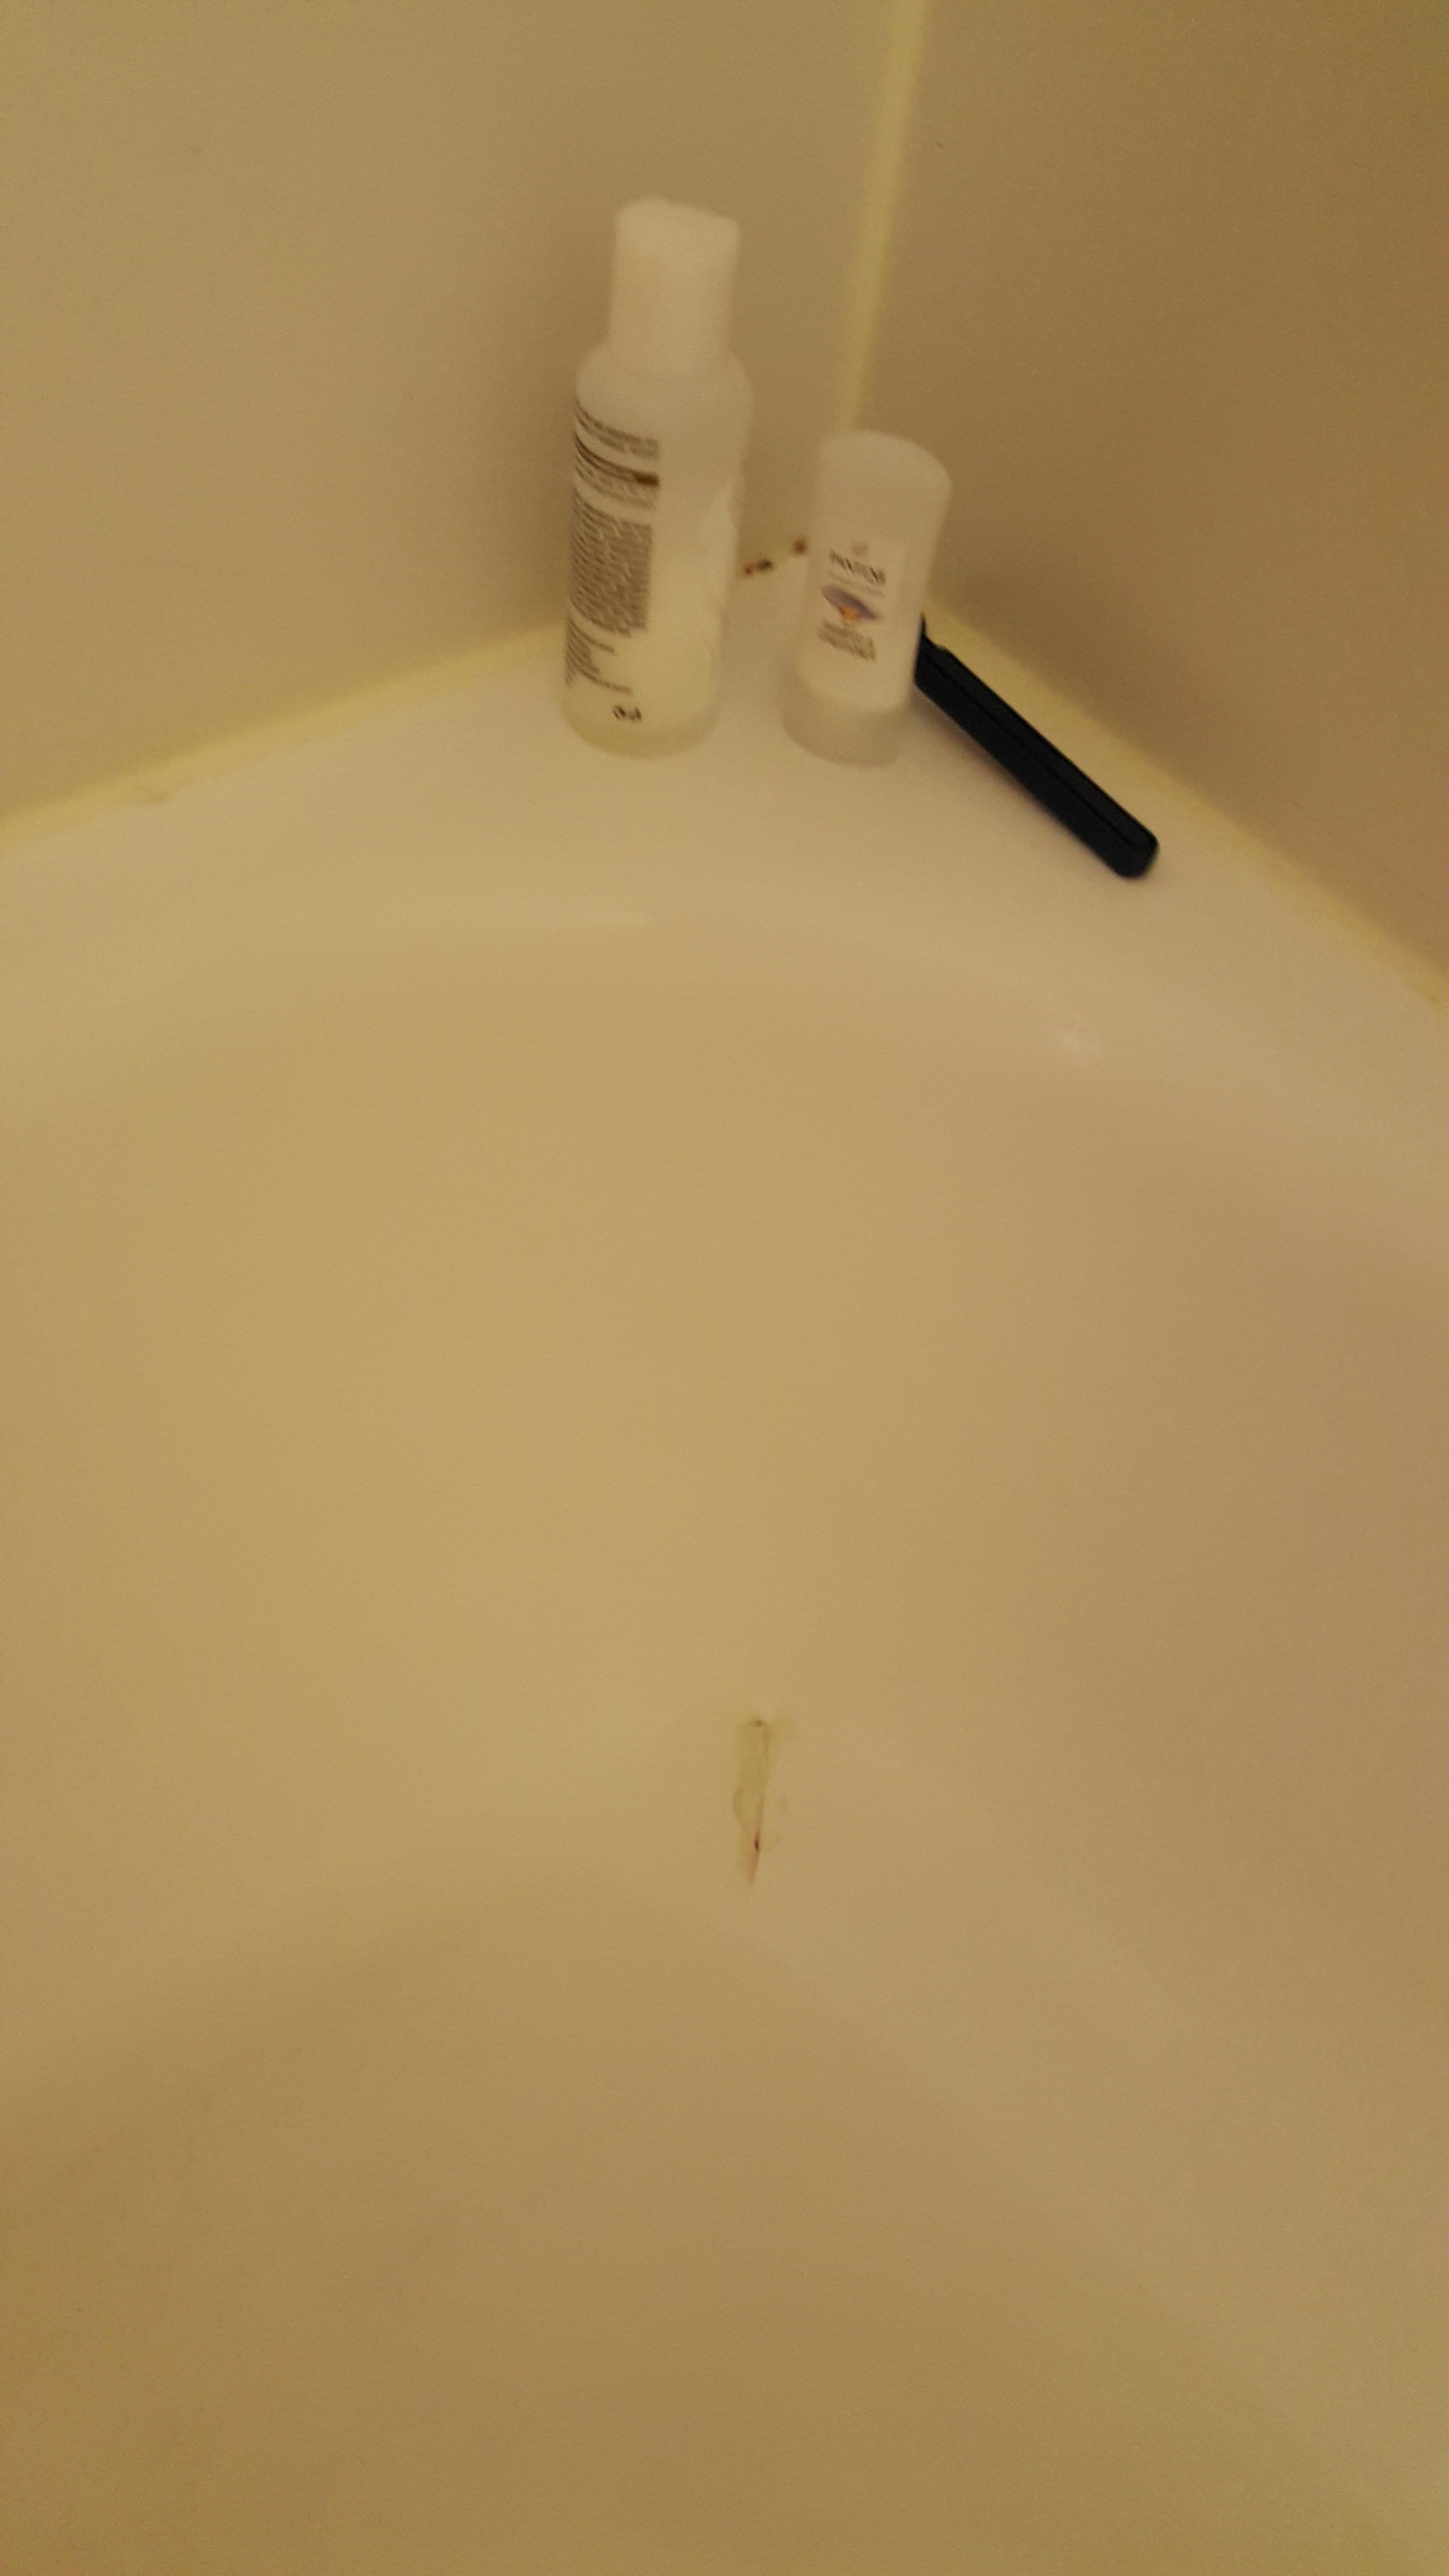 Cracked tub